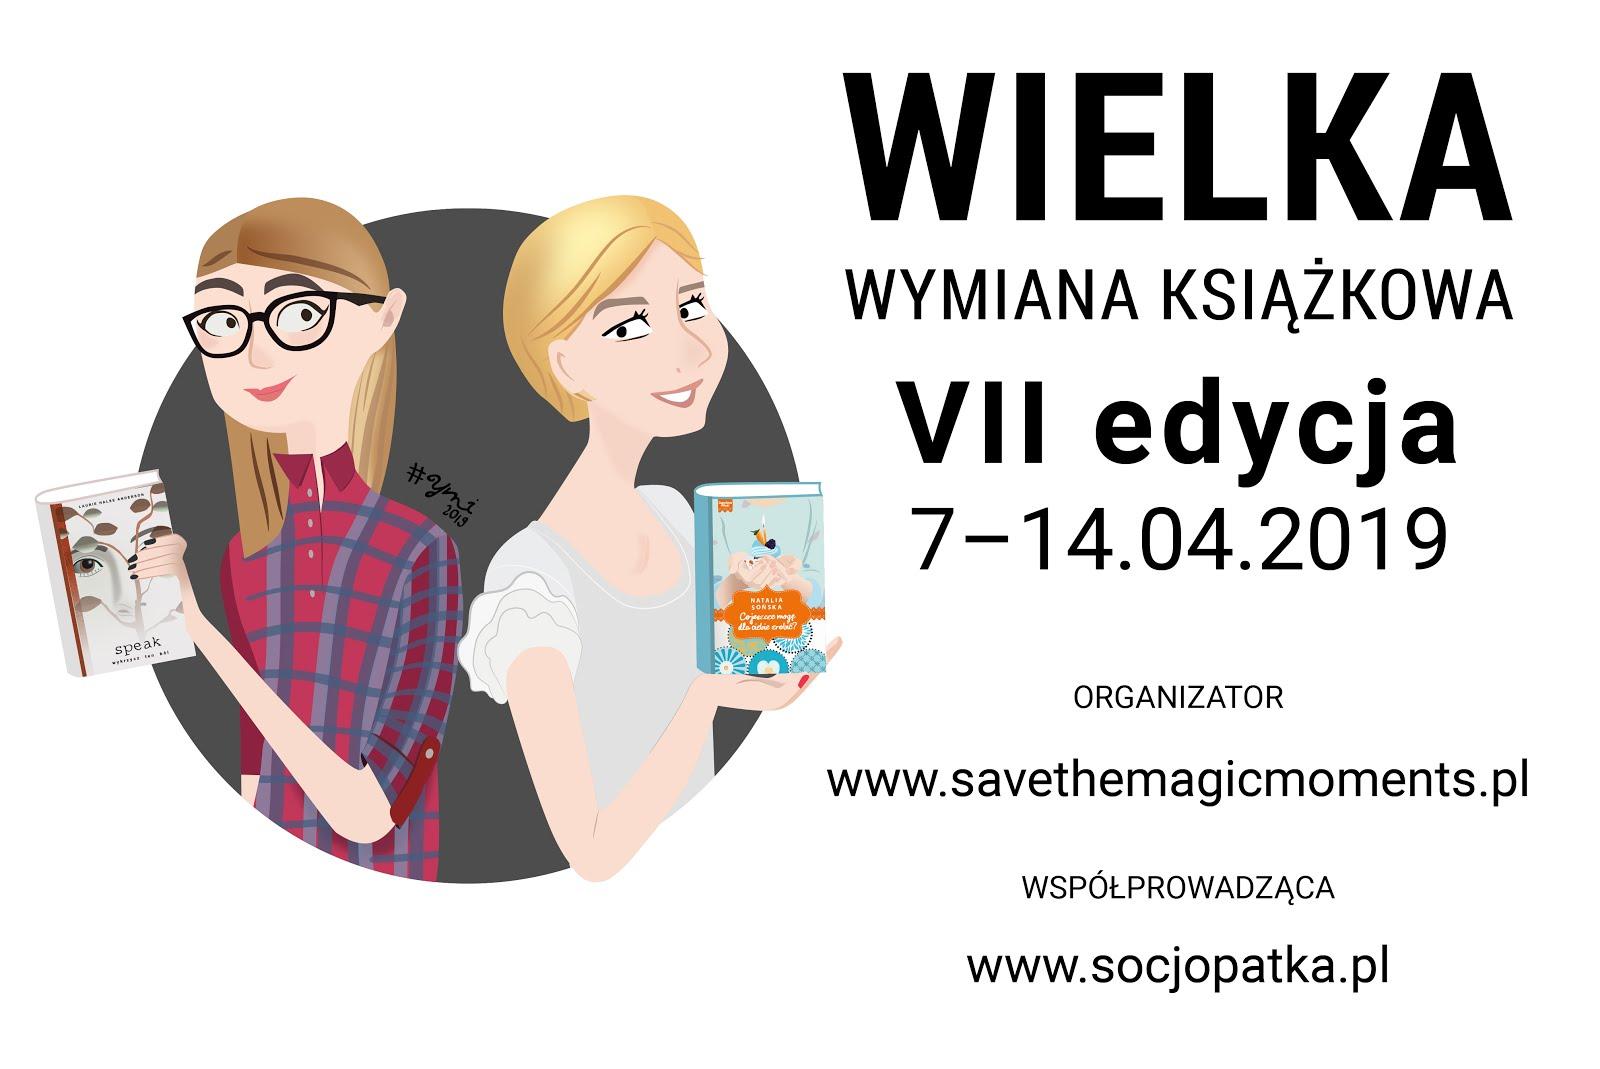 """WIELKA WYMIANA KSIĄŻKOWA """"PRZECZYTAJ & PODAJ DALEJ"""" - VII edycja"""